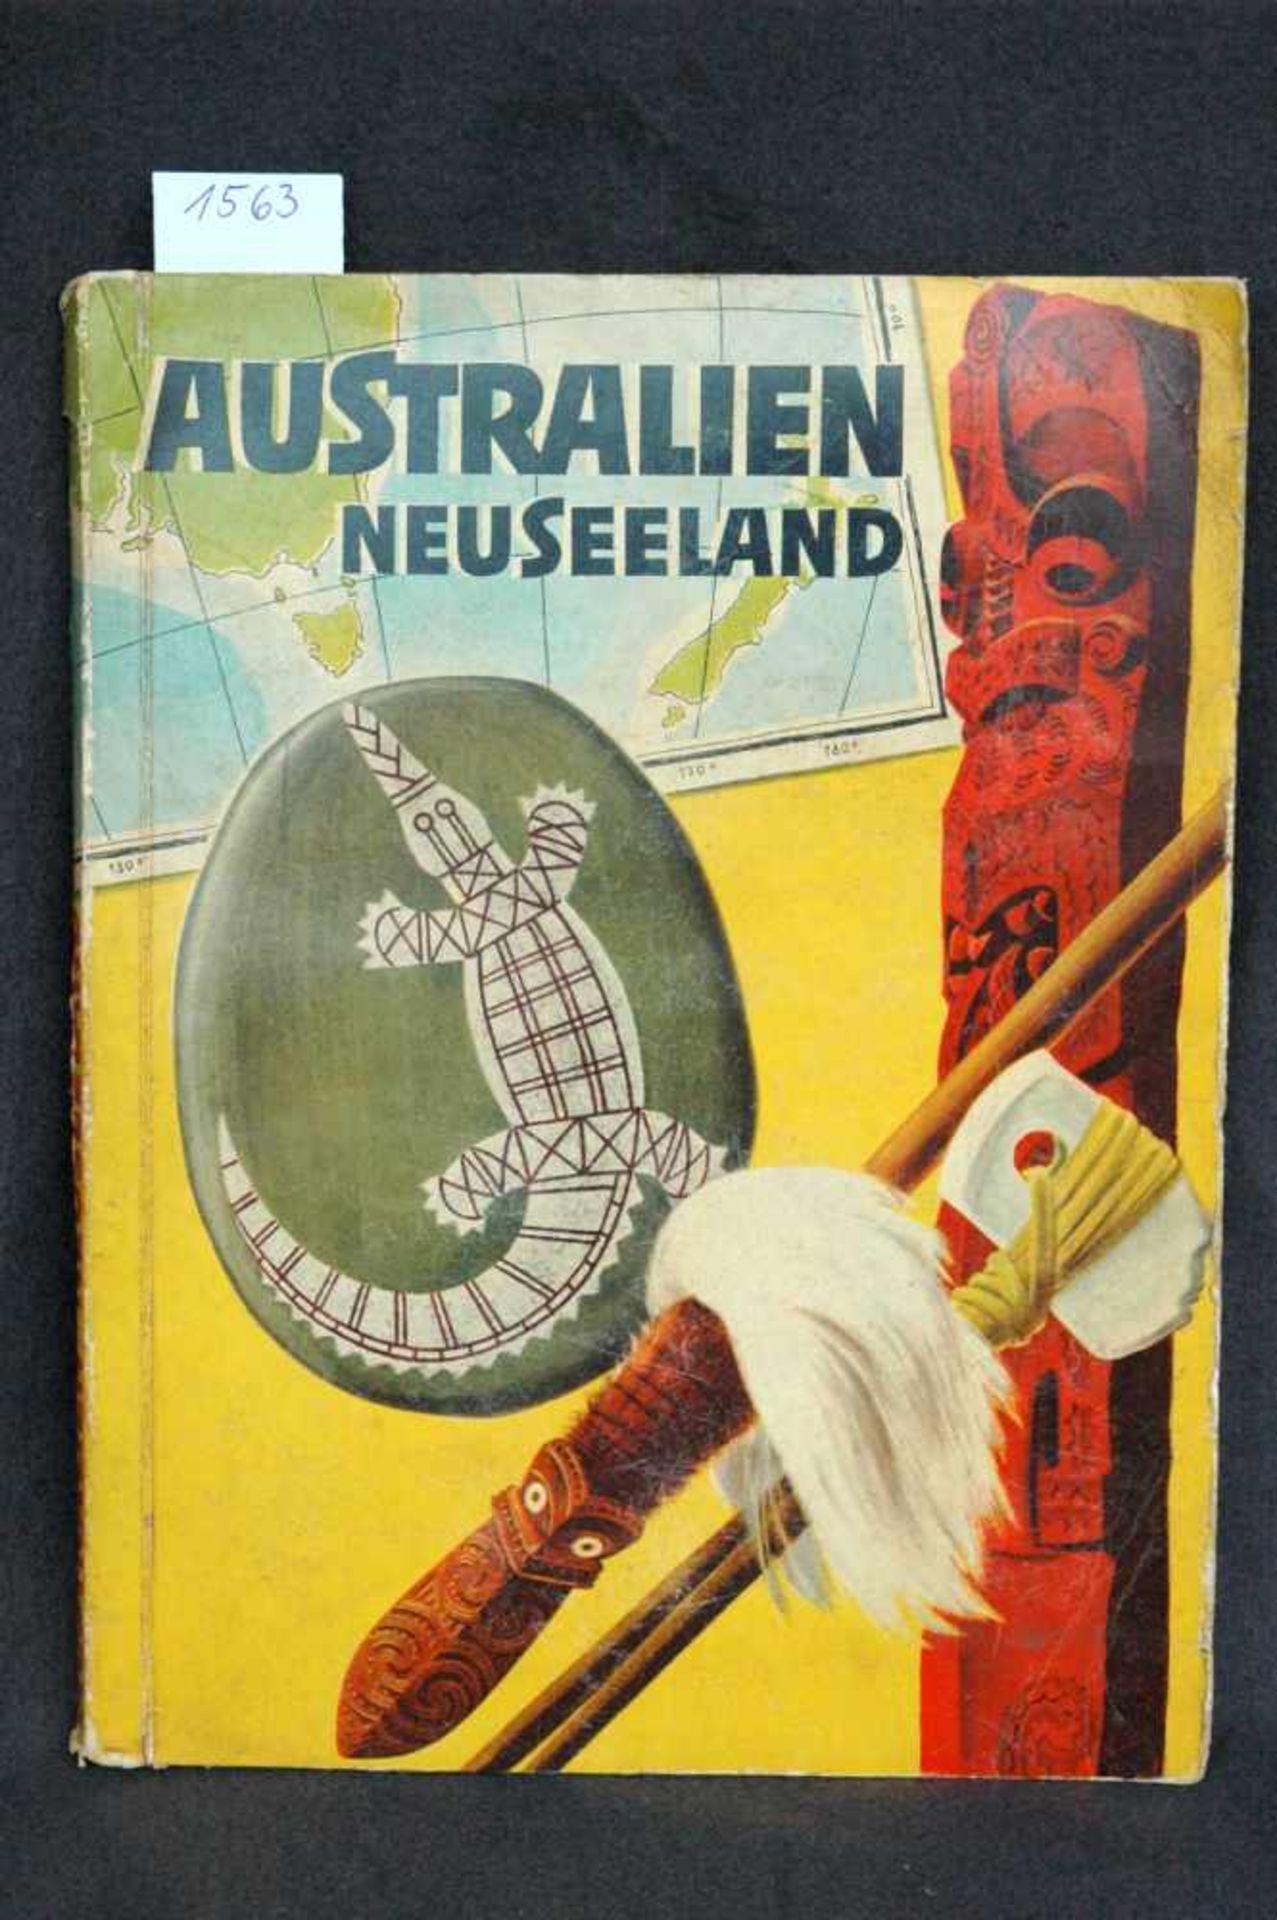 Sammelbilderalbum, Australien, Neuseeland, Jims Abenteuer im Land der trockenen Flüsse, Margarine